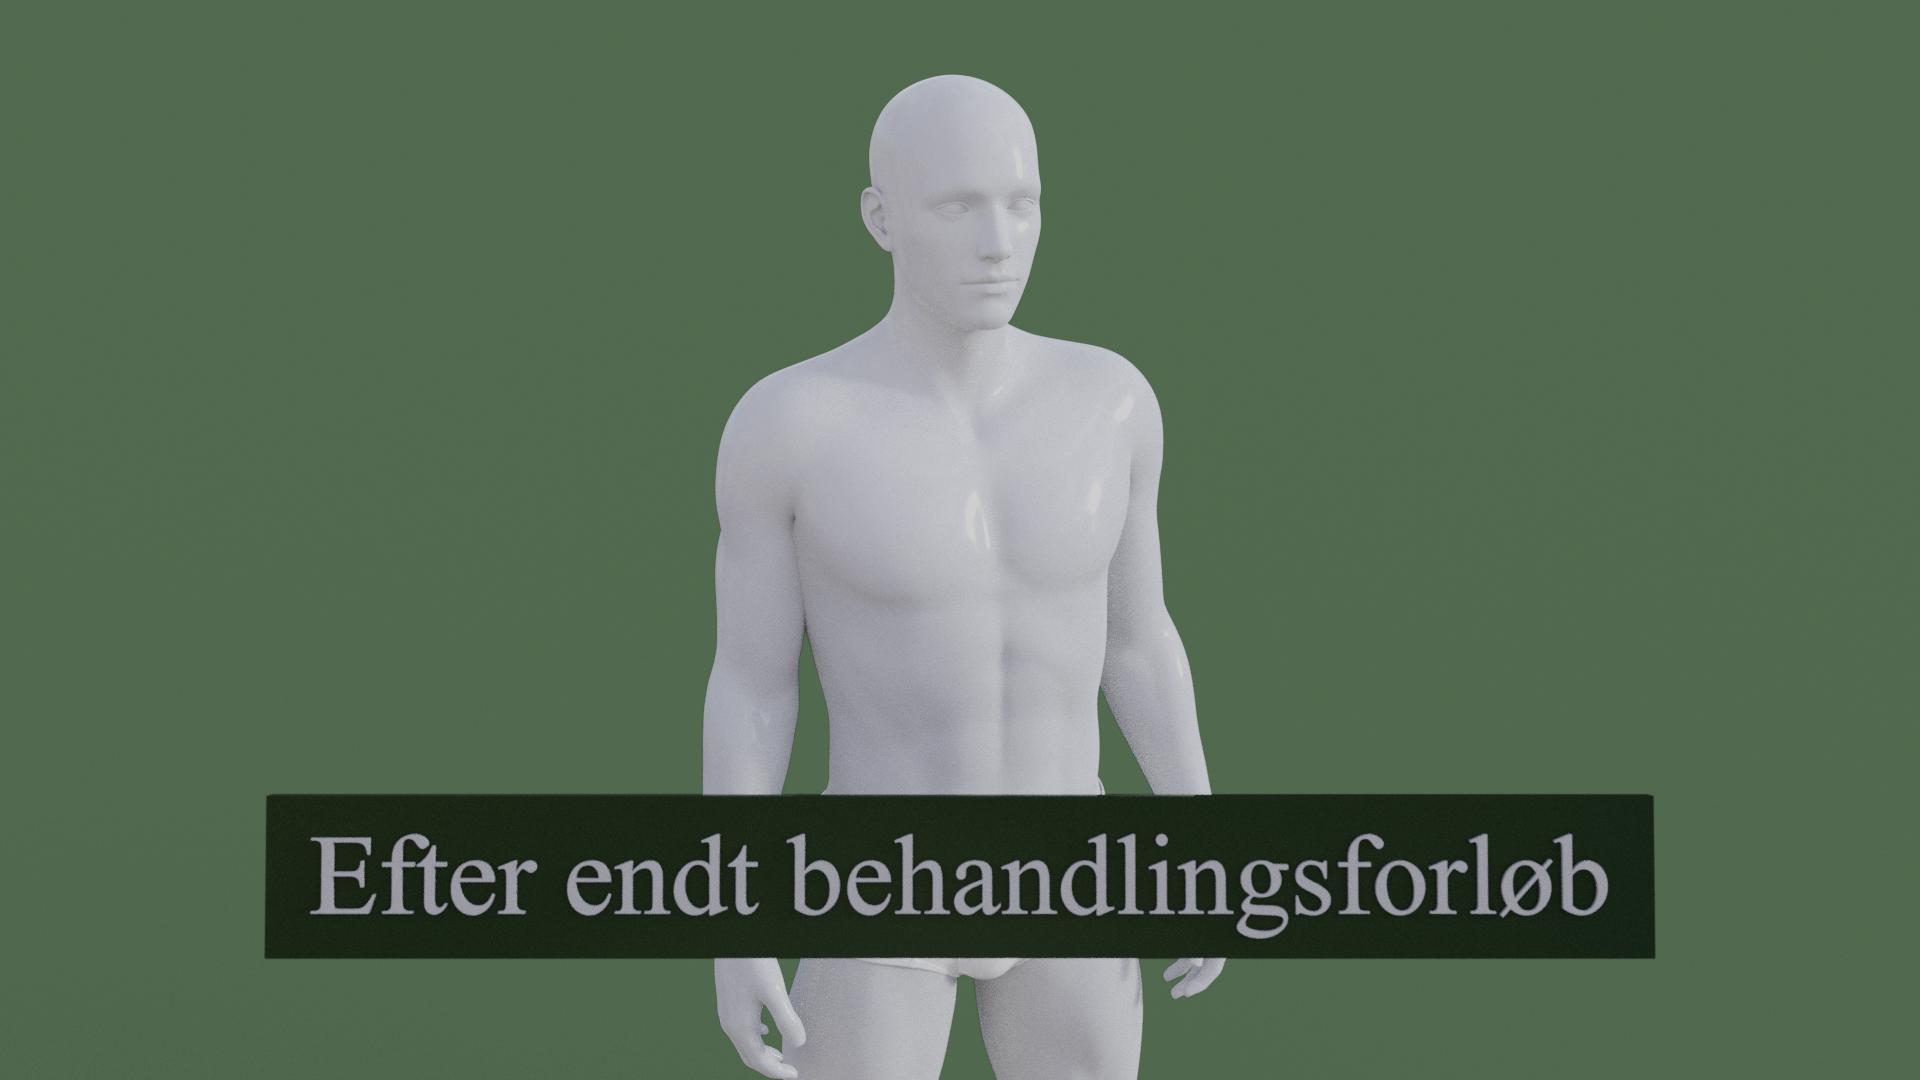 Billedet viser den samme 3D figur, men uden den røde farve på skulderen. 3D figuren er helbredt.